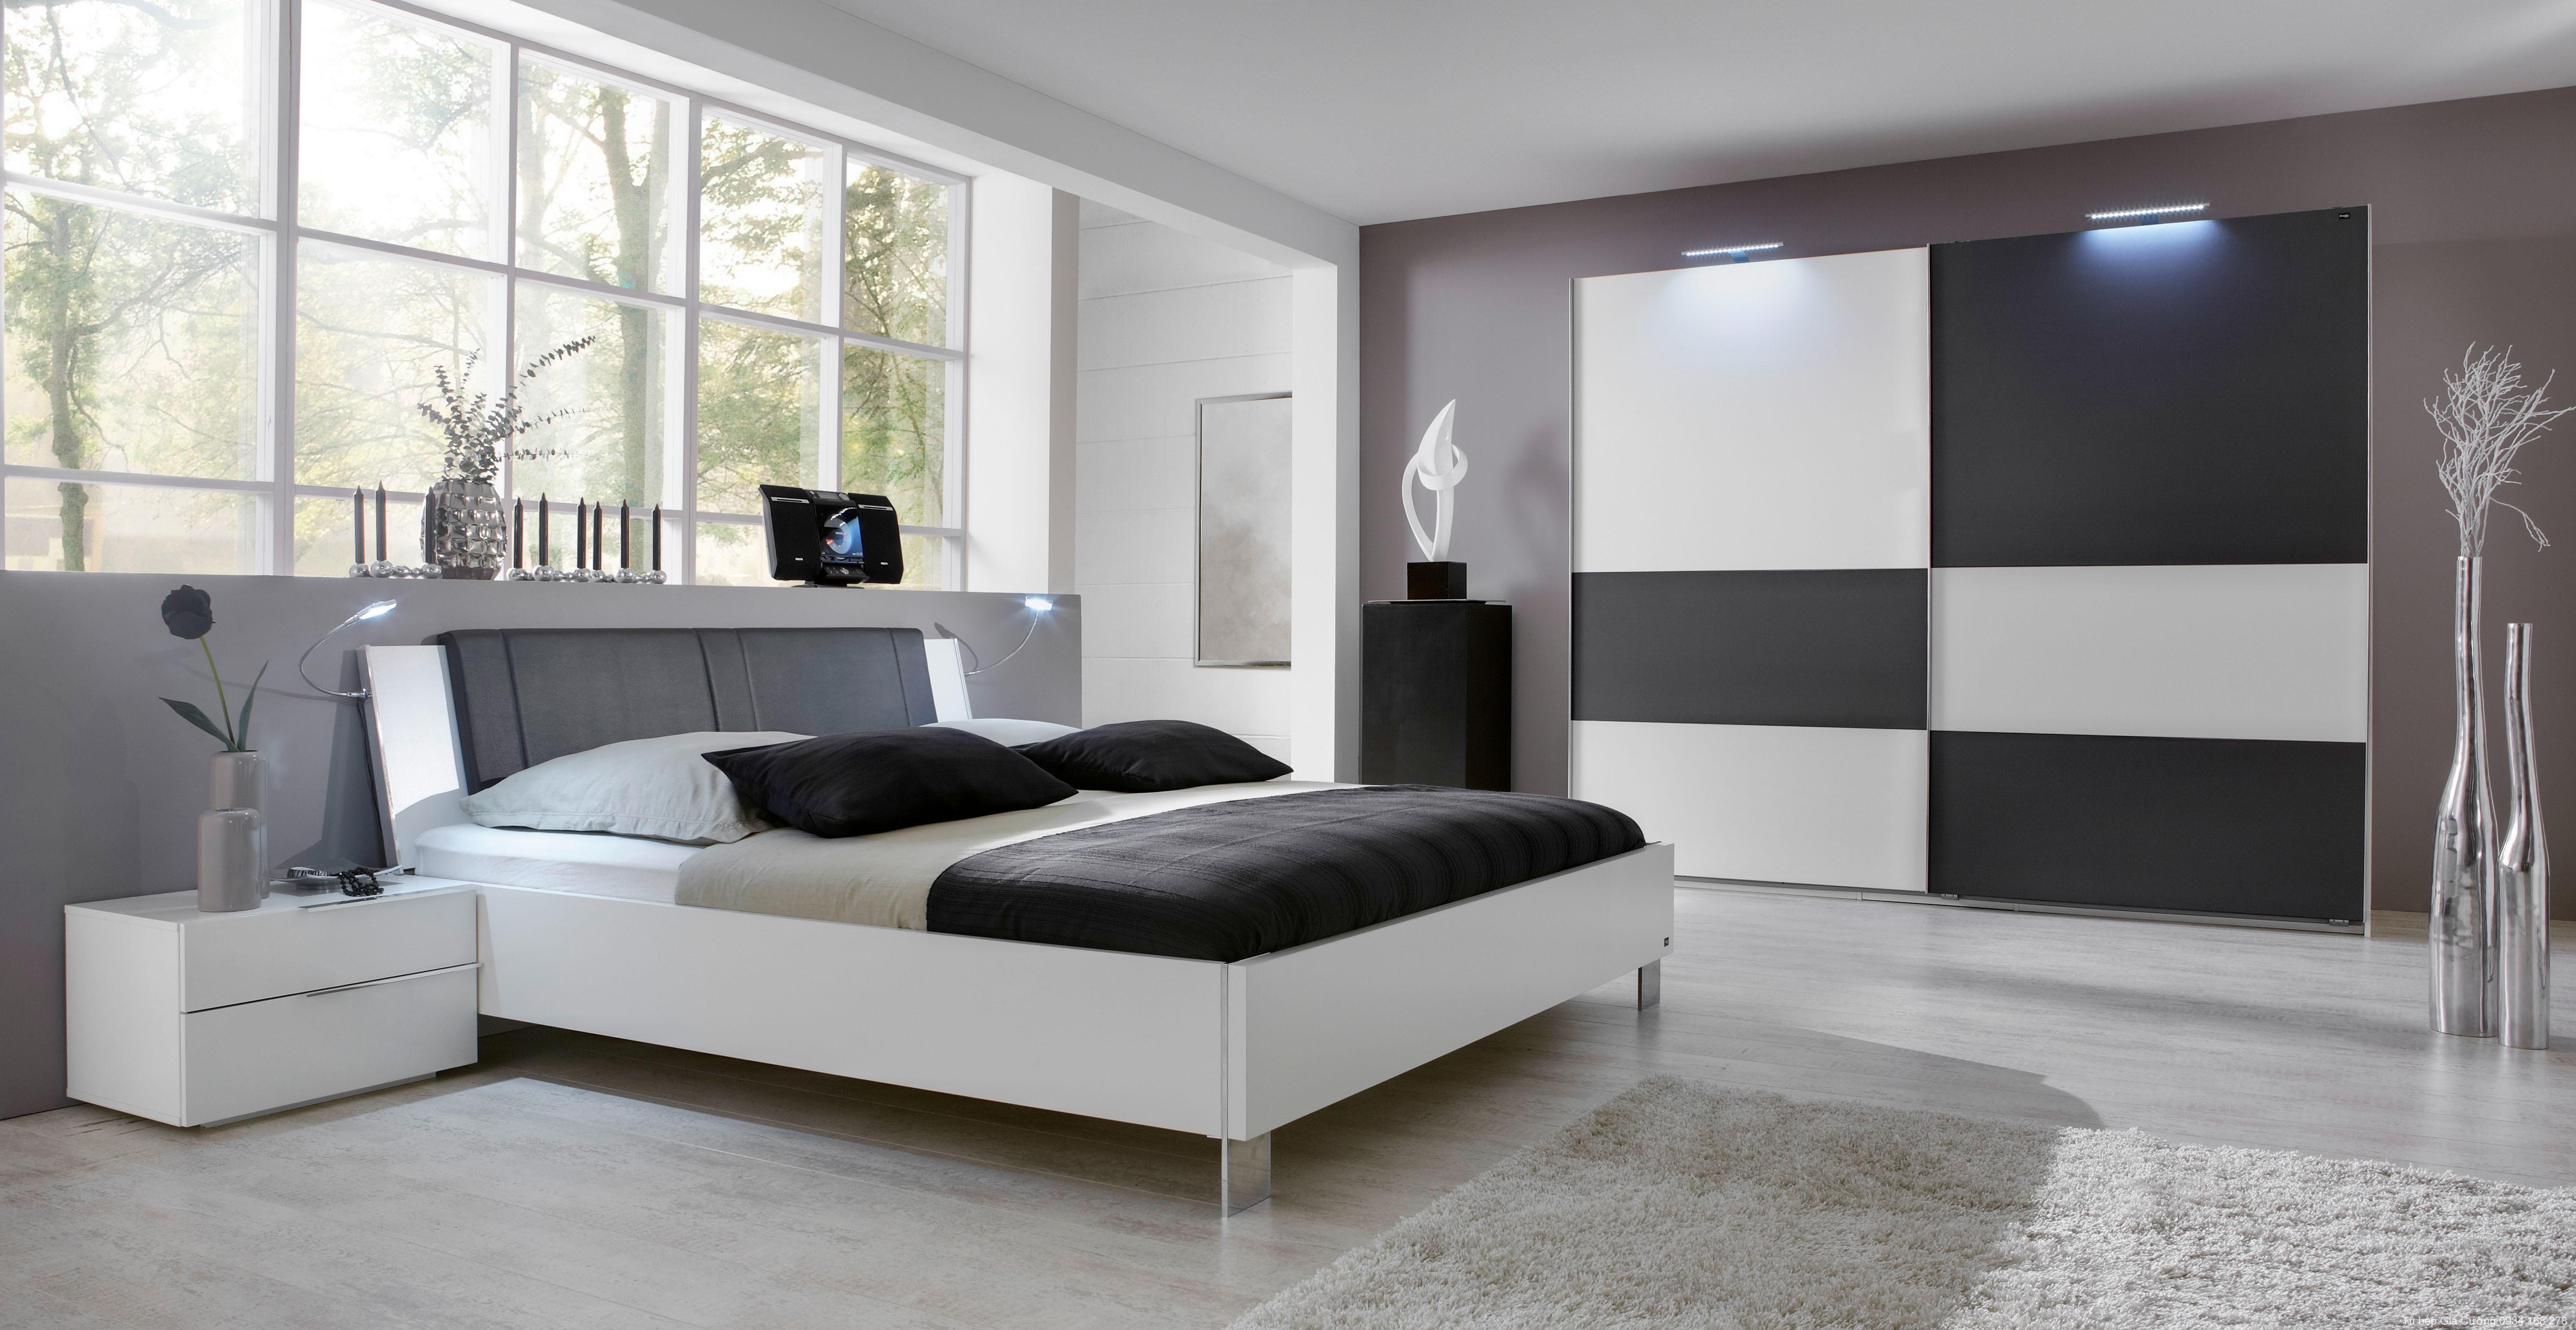 Tủ áo, Giường ngủ Acrylic PARC 01 + 02